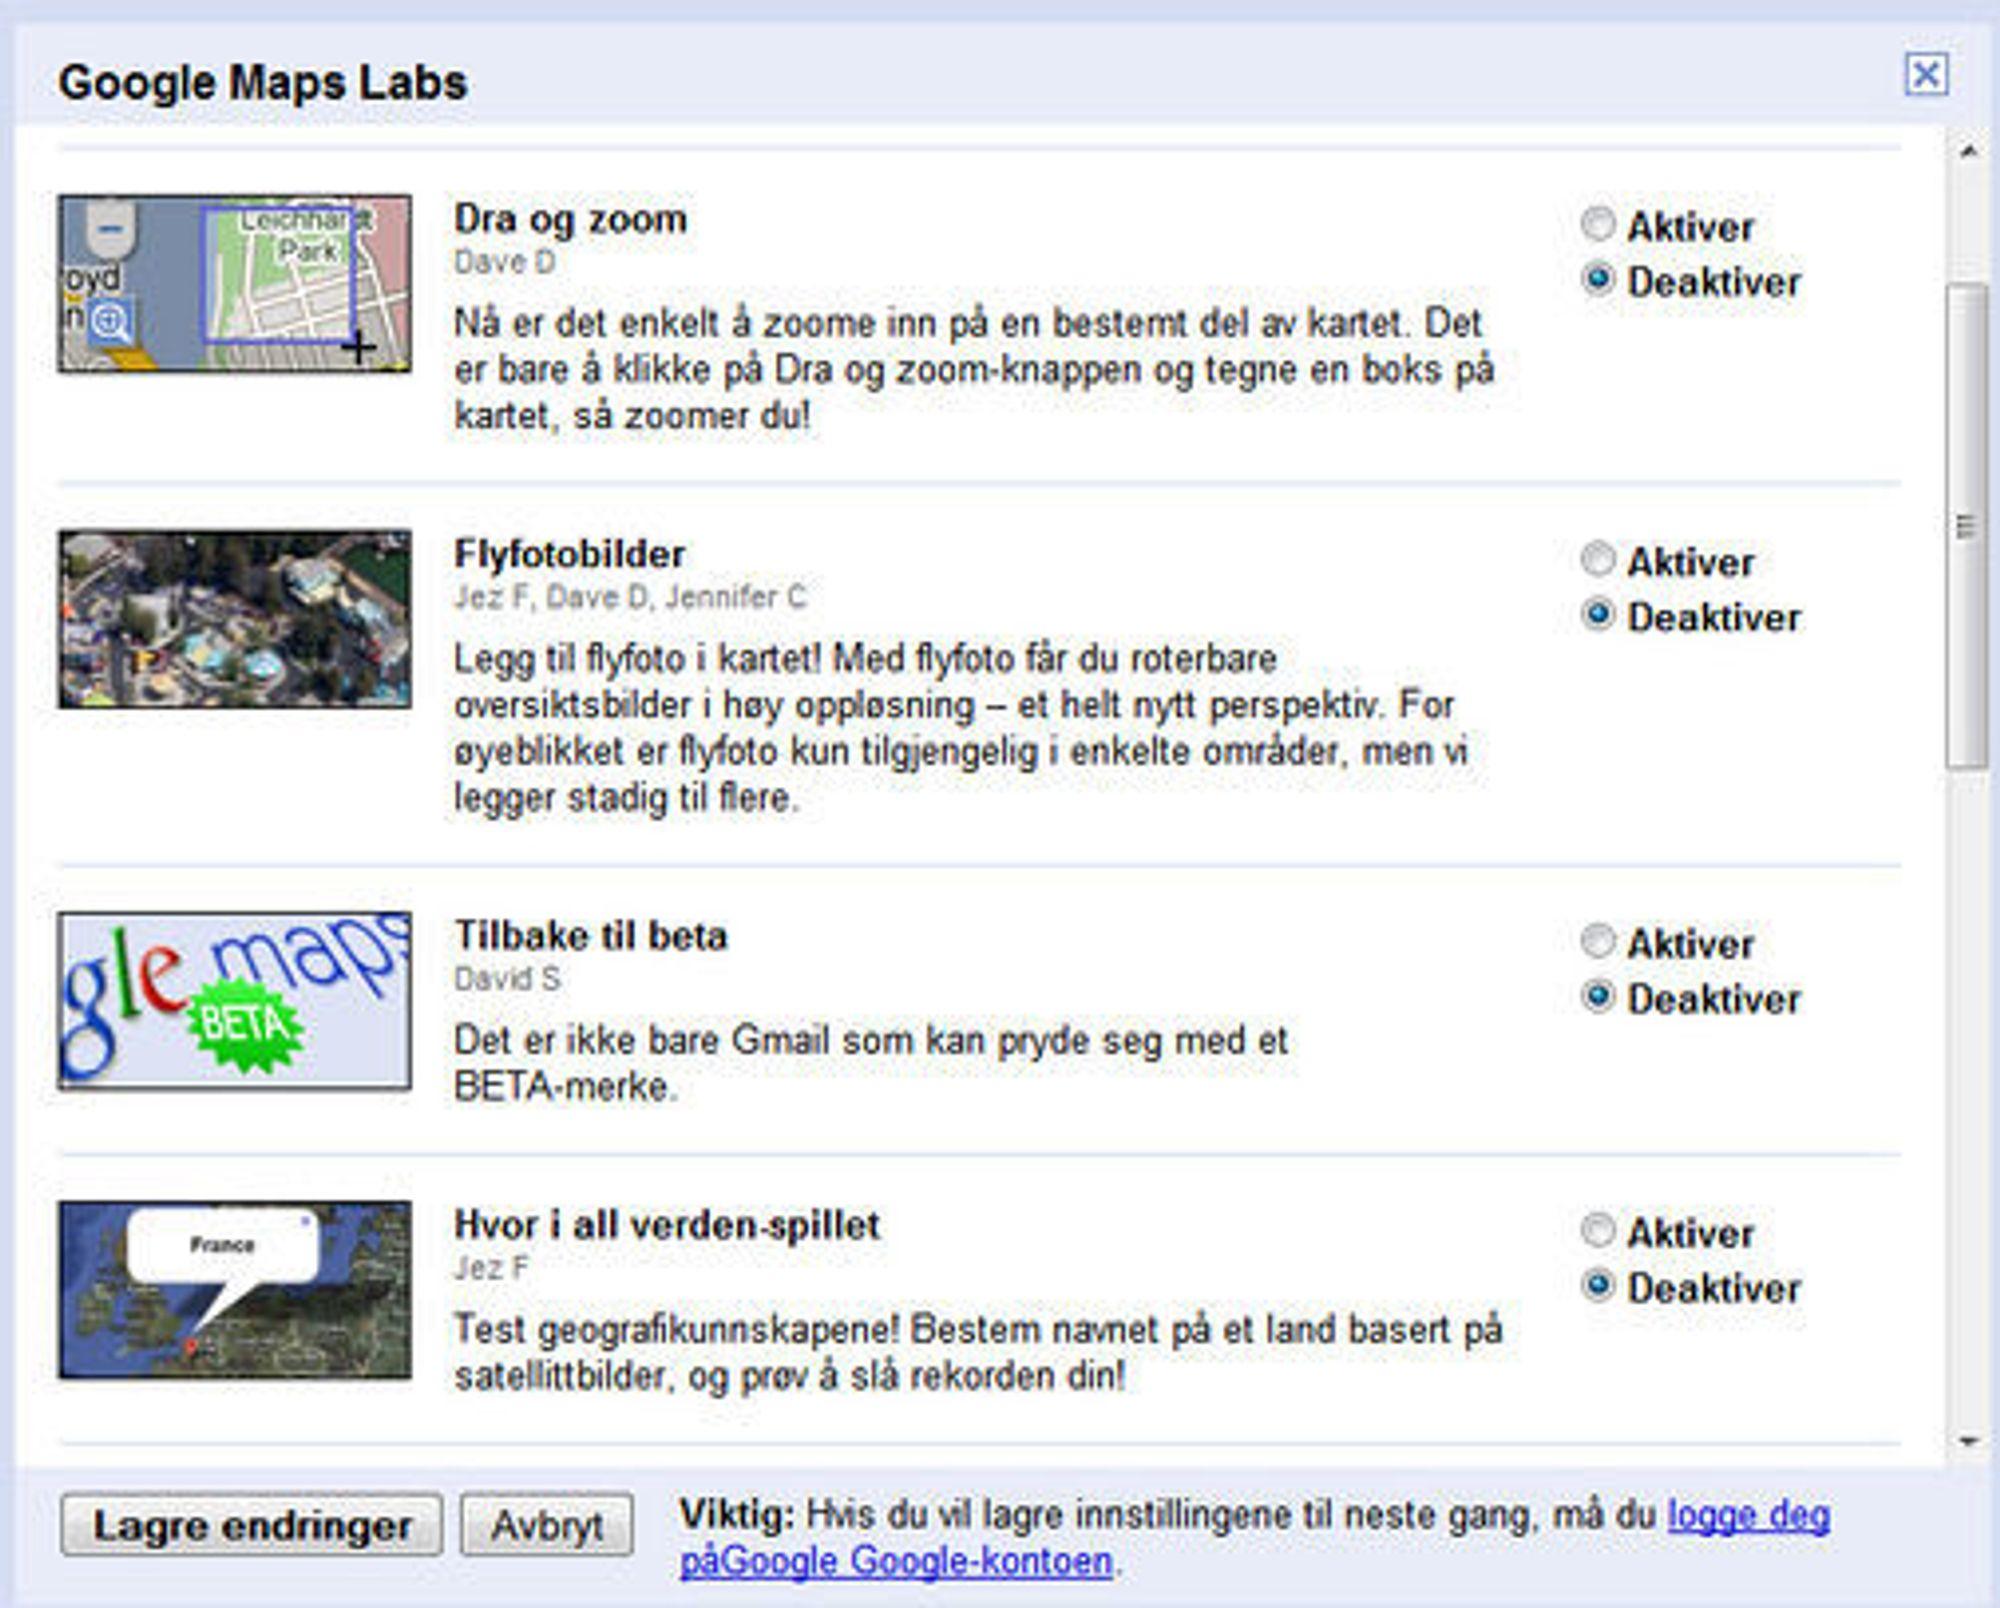 Deler av kontrollpanelet for den eksperimentelle Google Maps Labs-funksjonaliteten.